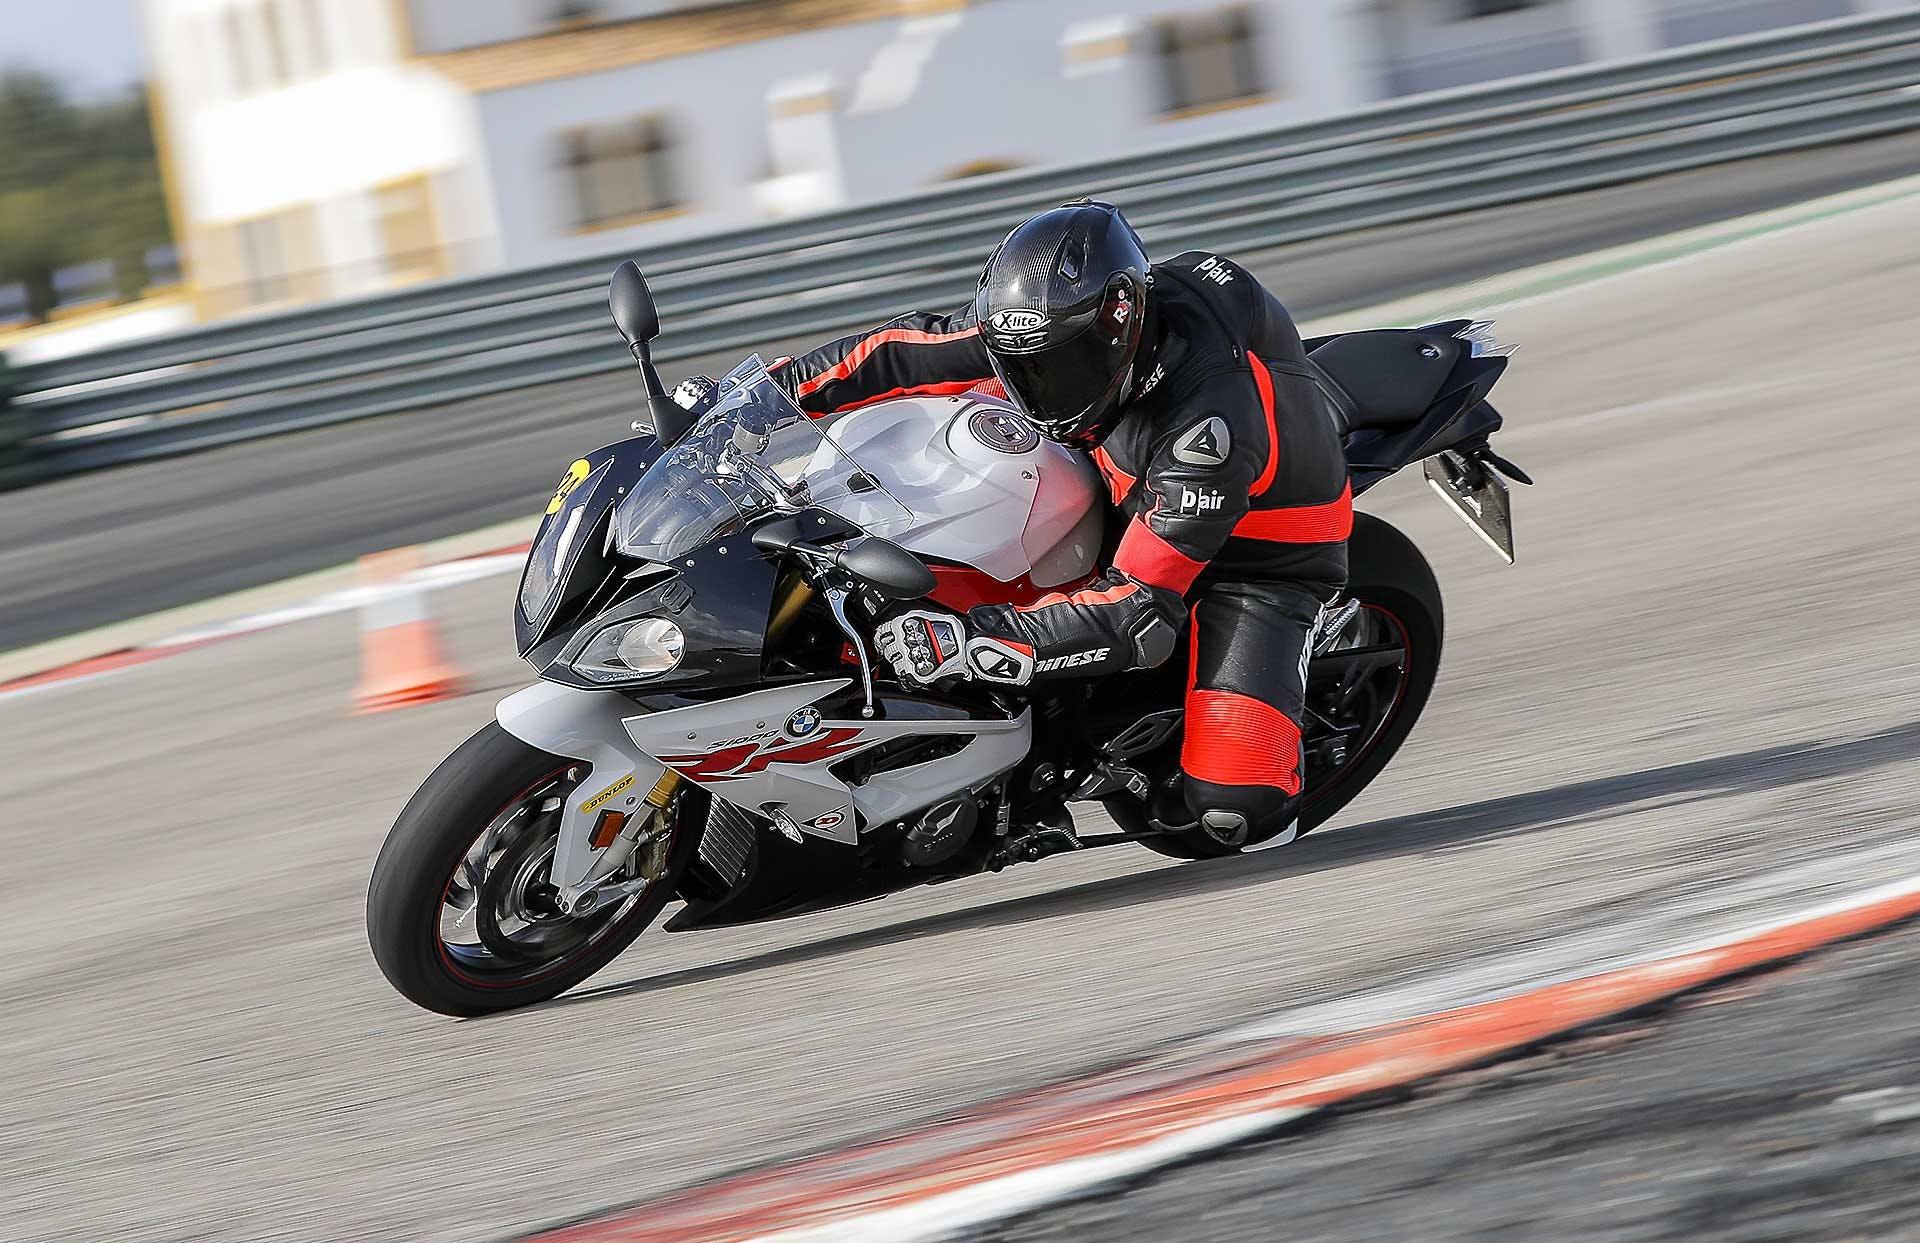 Dunlop SportSmart TT in pista con BMW S 1000 RR